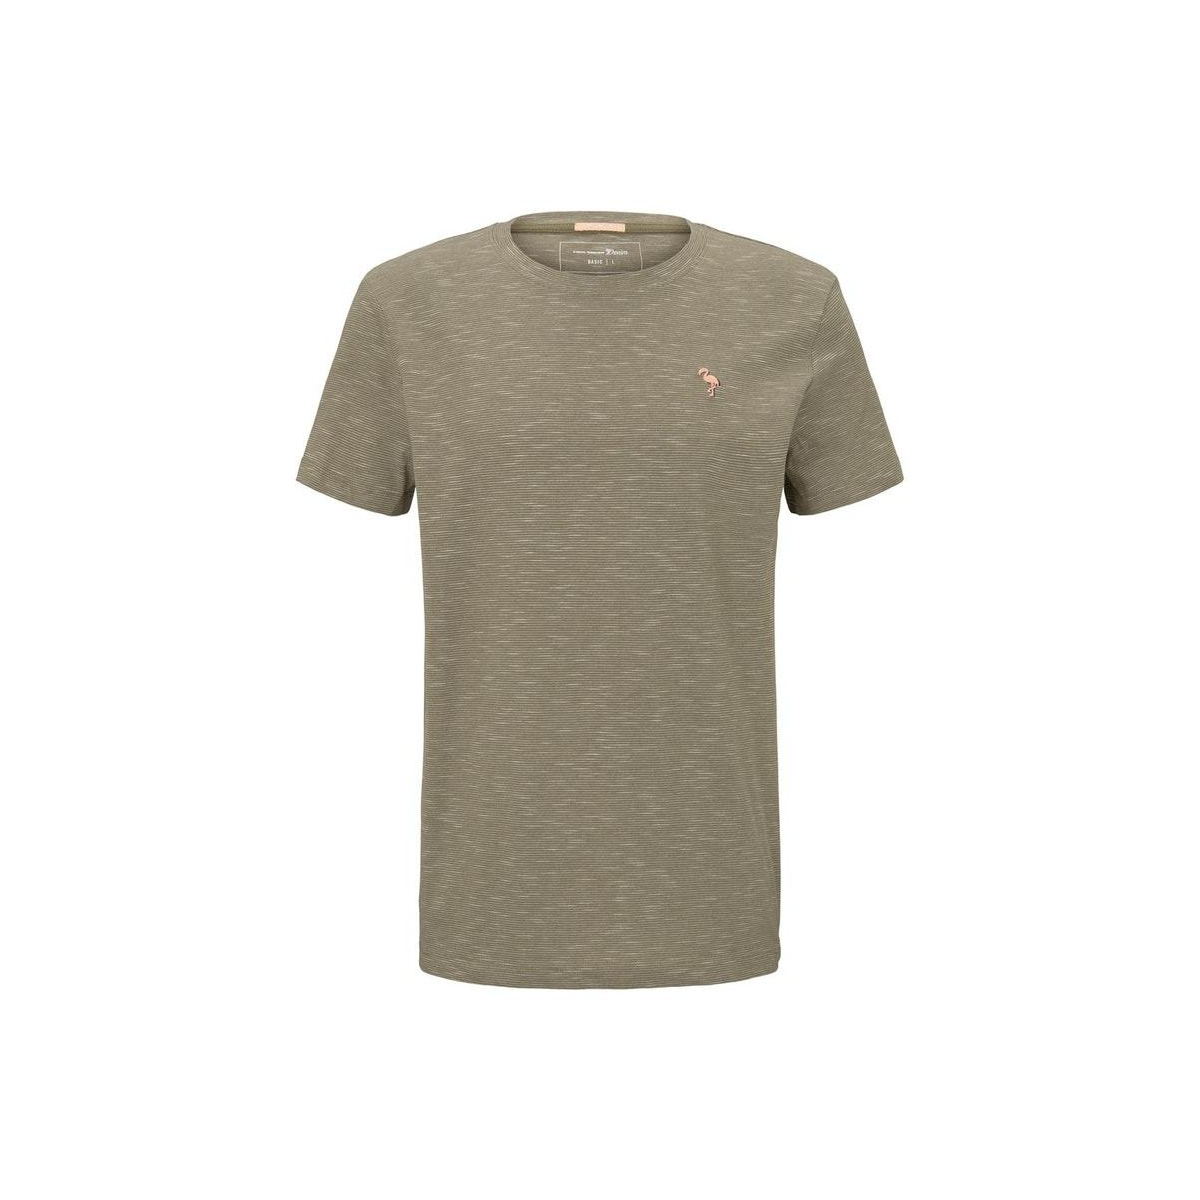 gestreept t shirt 1019085xx12 tom tailor t-shirt 23115